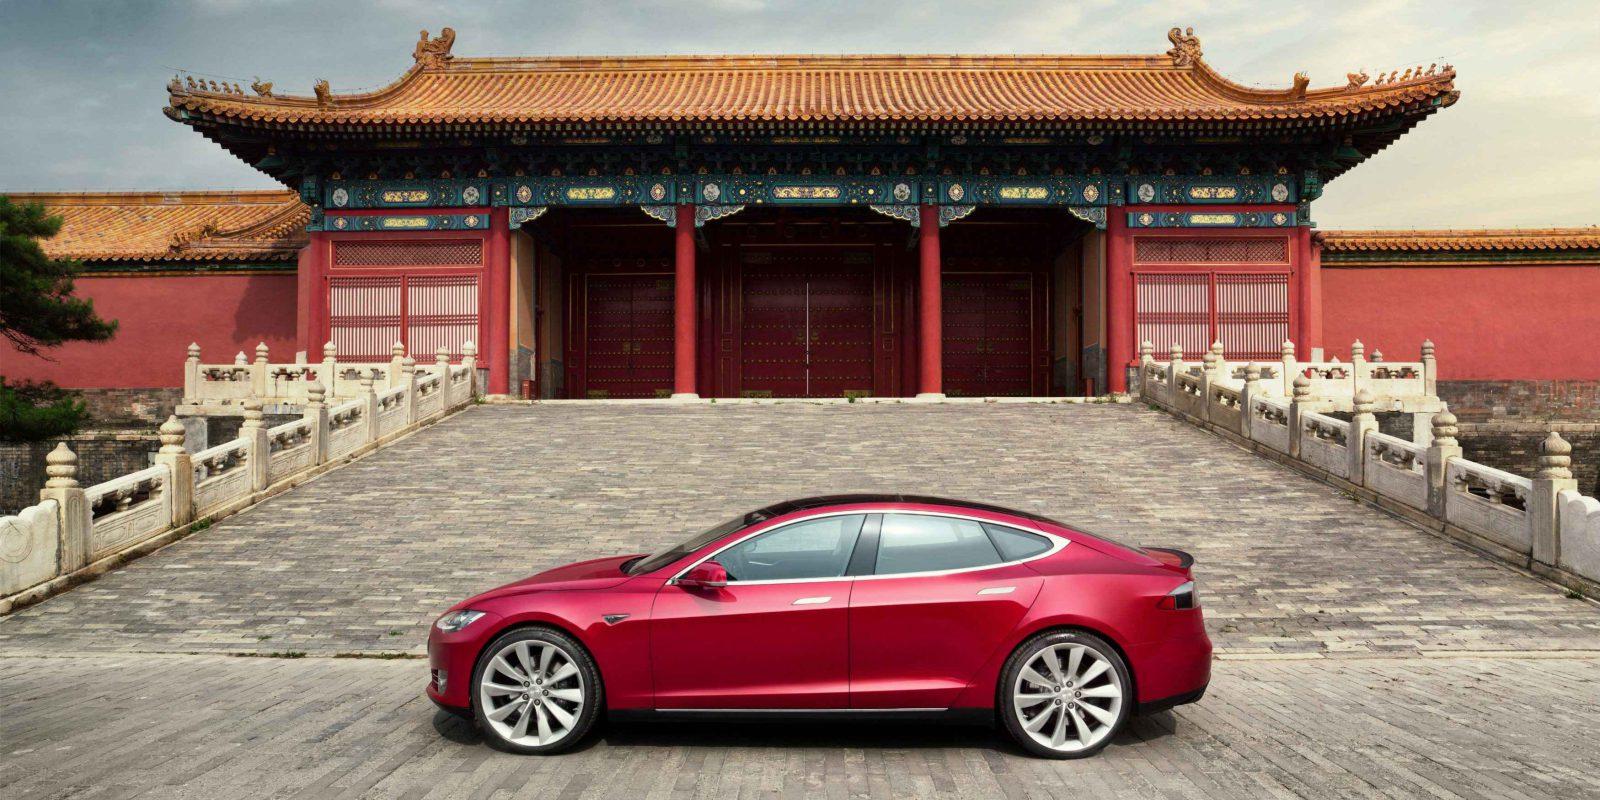 Energia | Tesla expande rede de recarga para carros eléctricos